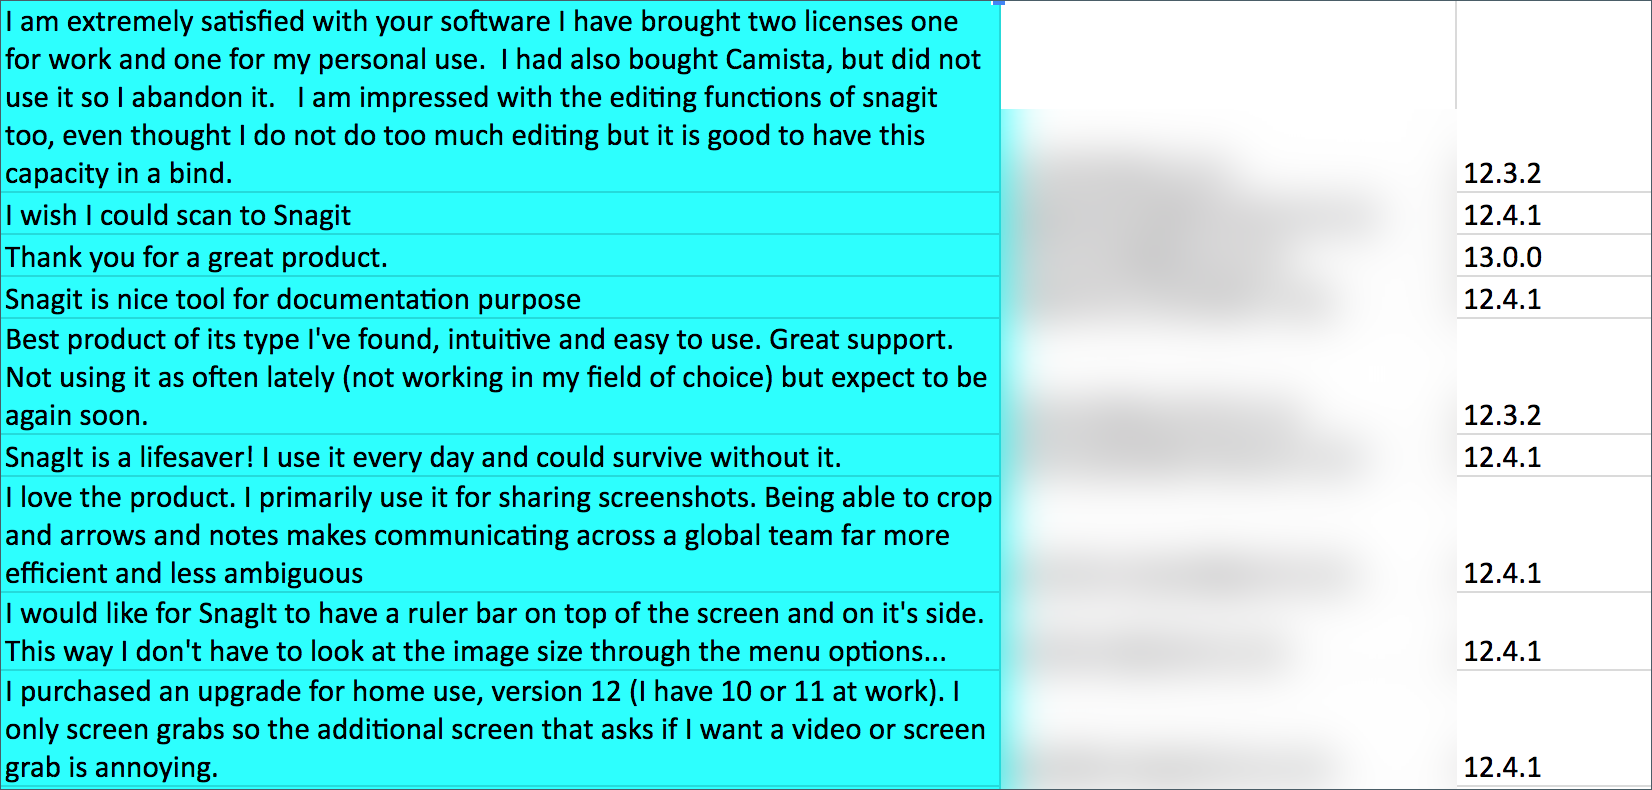 Uso de la herramienta de desenfoque de captura de pantalla de Snagit para tomar capturas de pantalla de los comentarios de los usuarios